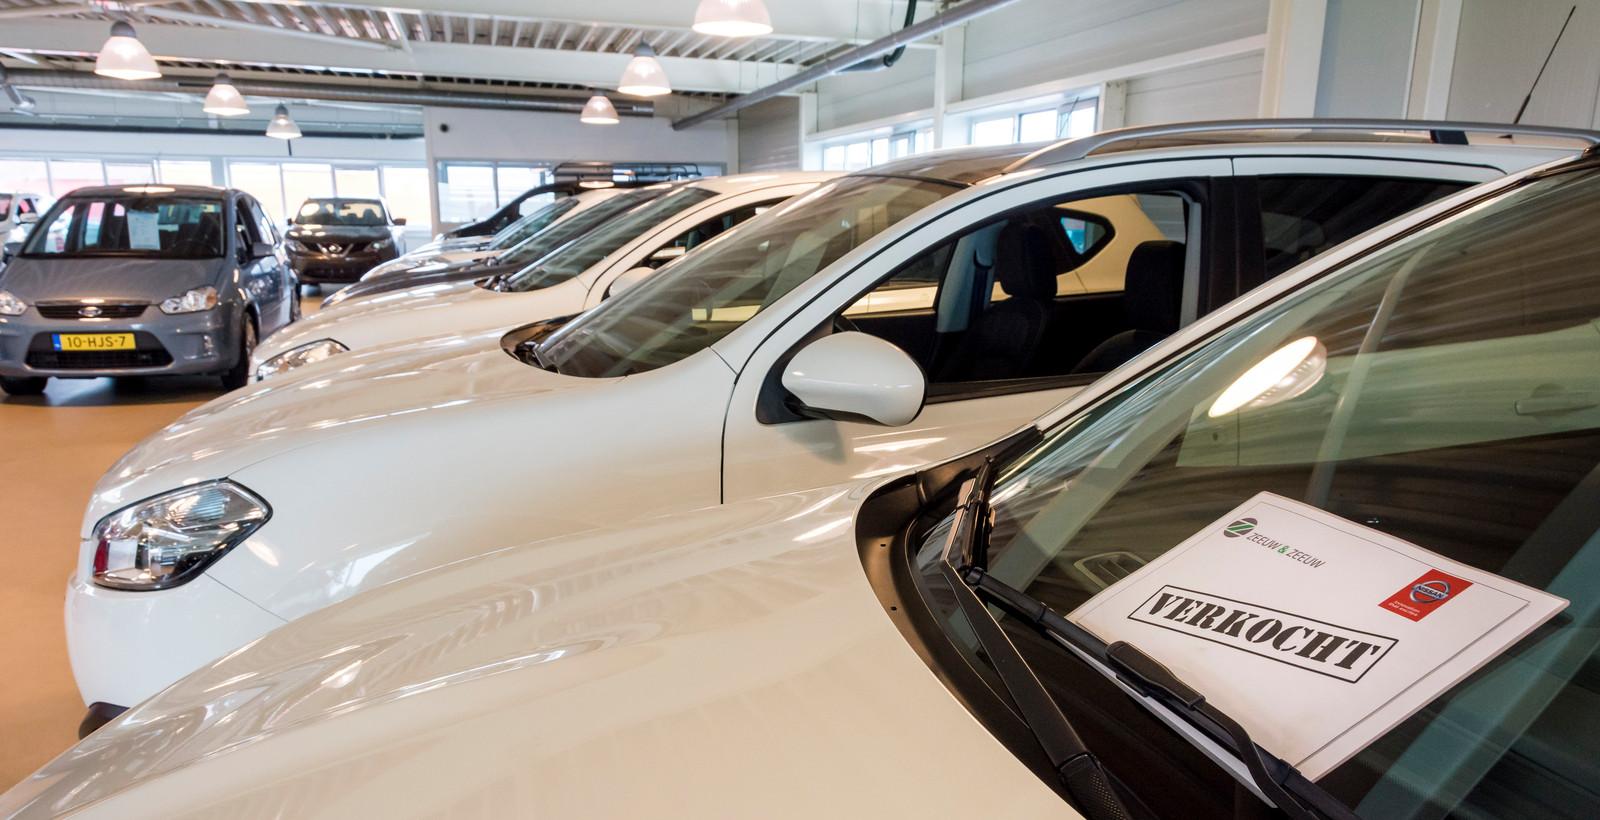 Een tweedehands auto kopen consumenten liever bij een autobedrijf dan bij een particulier